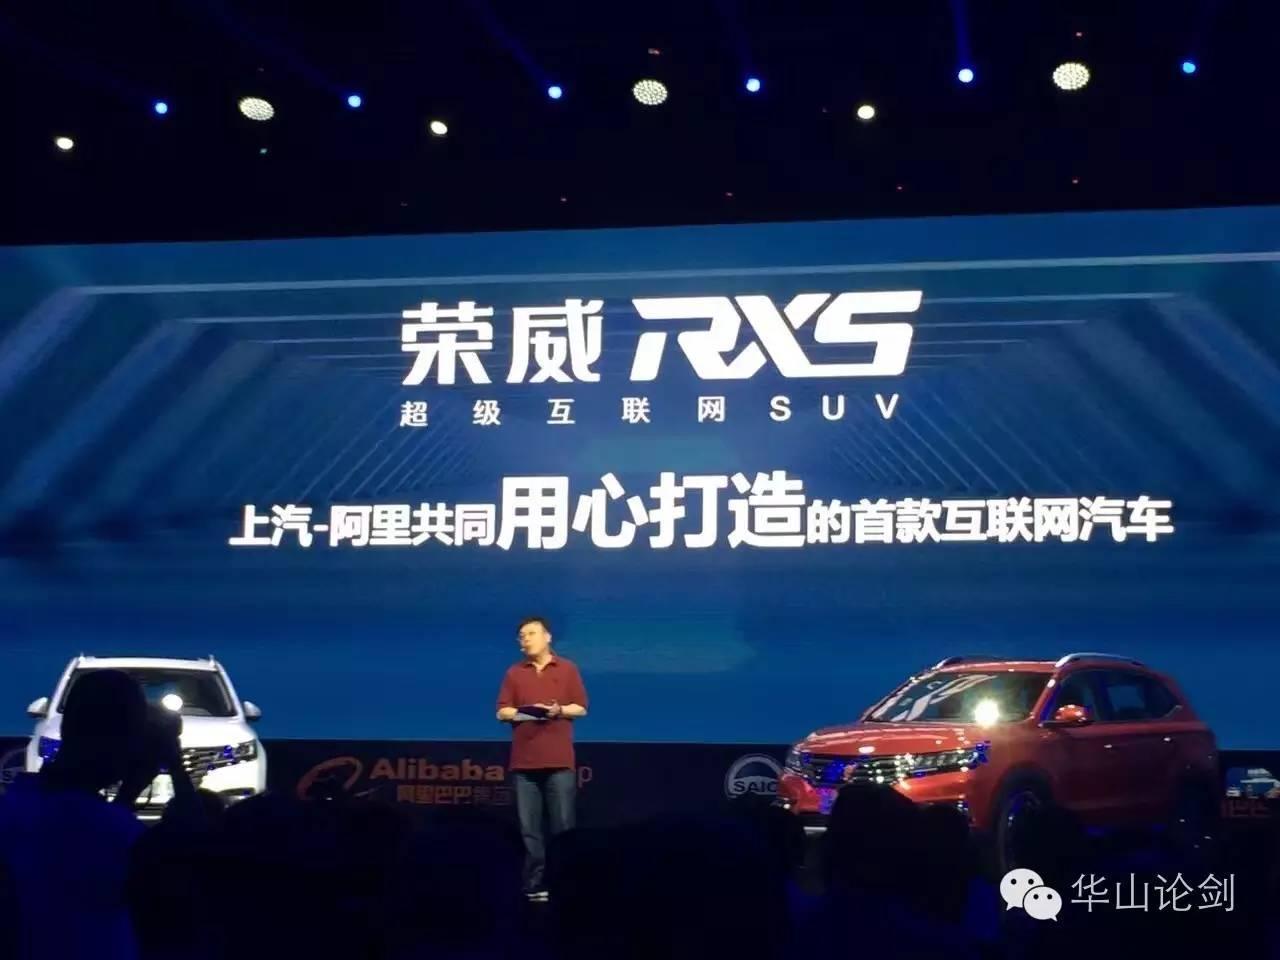 998万元起售荣威RX5的售价让马云当场决定买上几十辆高清图片